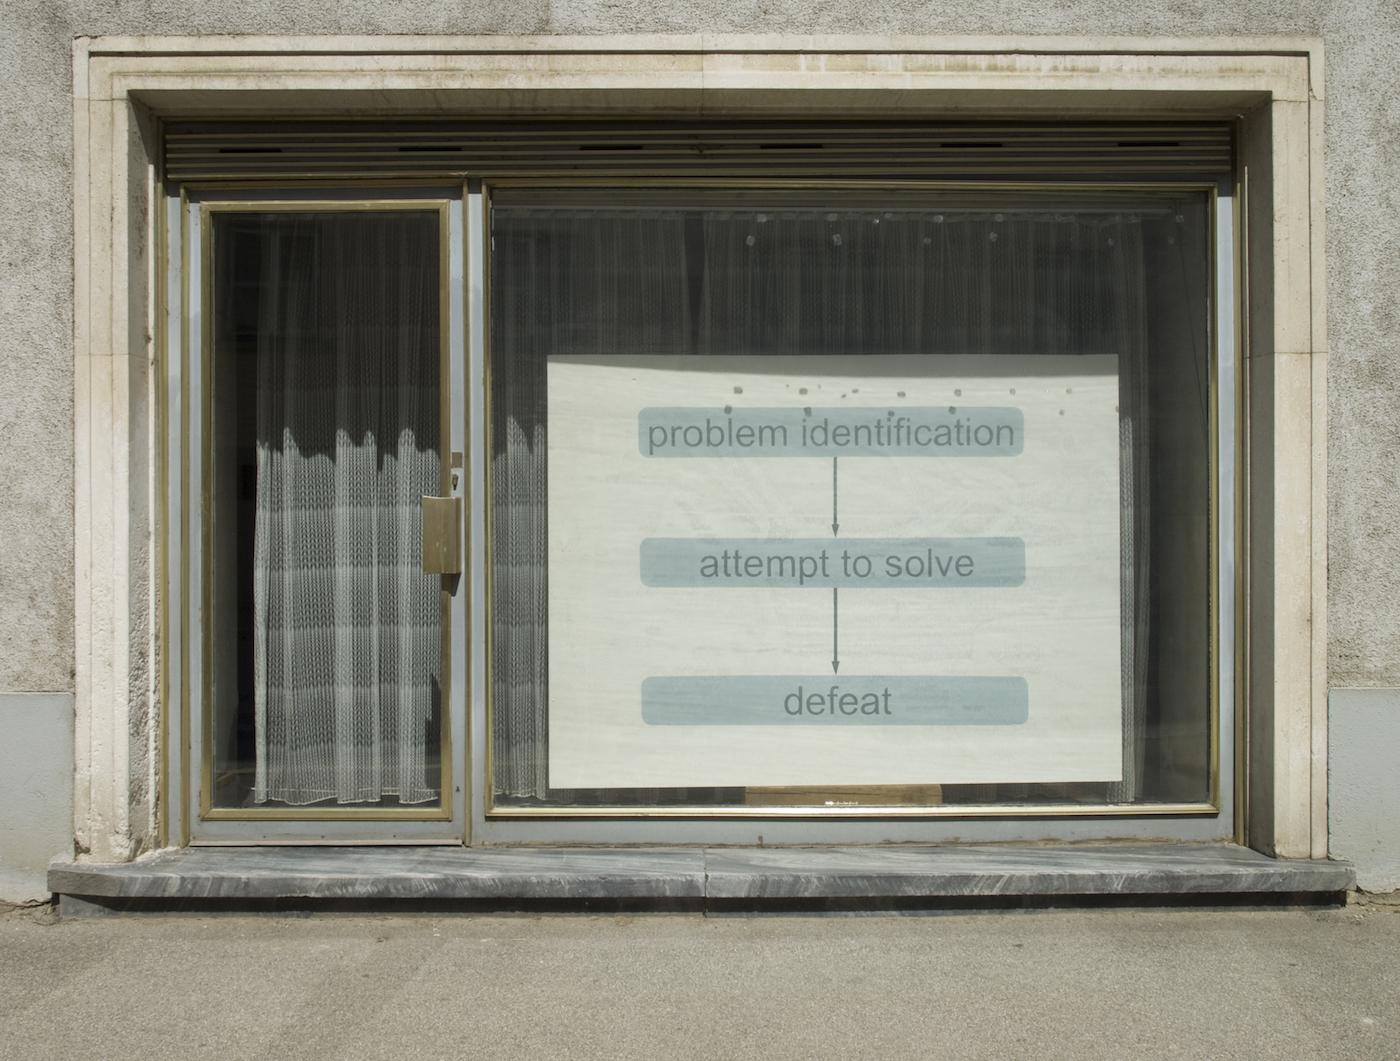 """Kama Sokolnicka, """"Ewaluacja"""", instalacja site-specific w austriackim Langenlois, 2011 (źródło: materiały prasowe organizatora)"""